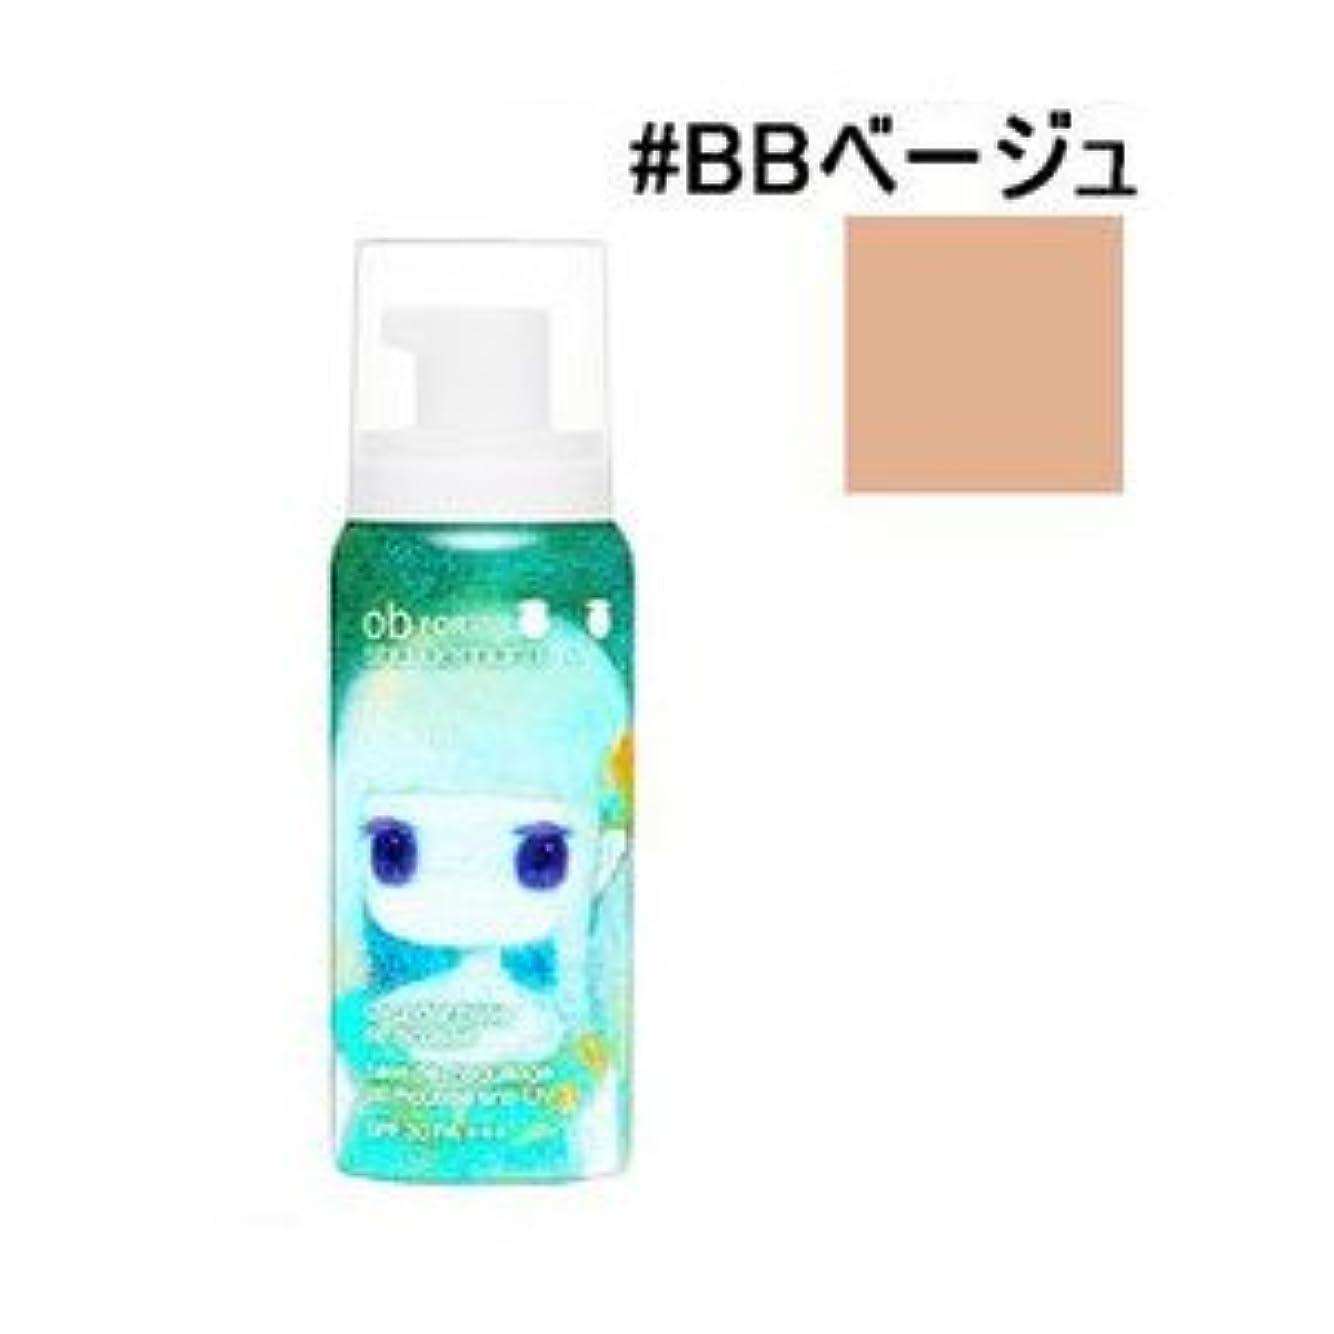 政治的ラックトレーダーshu uemura シュウ ウエムラ<br>UV アンダー ベース ムース #BB beige<br>SPF 30 ? PA+++<br>65g [並行輸入品]